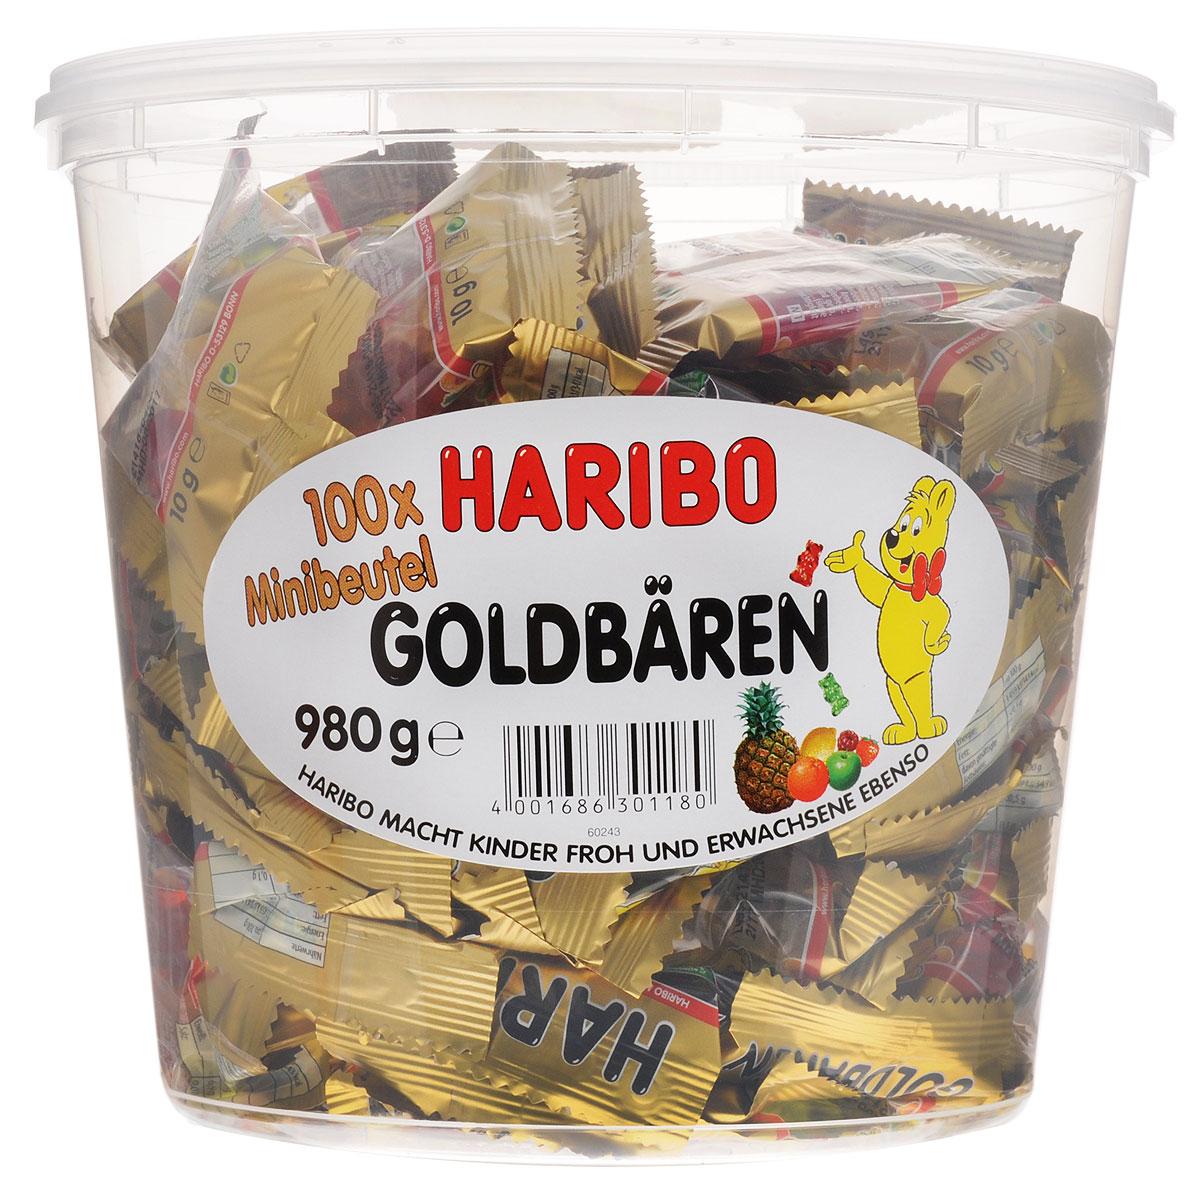 Haribo Золотые мишки-мини мармелад жевательный, 980 г4640000272265Haribo Золотые мишки-мини – это тот же хорошо знакомый мармелад, только в компактном формате. Много маленьких пакетиков по 9,8 г – это отличное решение для вечеринки или детского праздника, где можно каждого угостить этим мармеладом в индивидуальной упаковке!